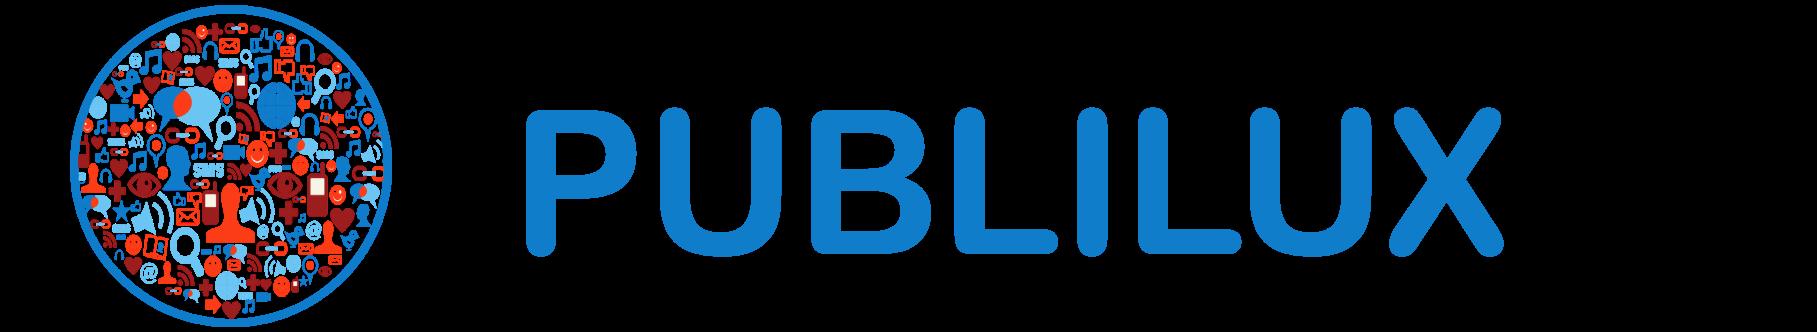 Publilux